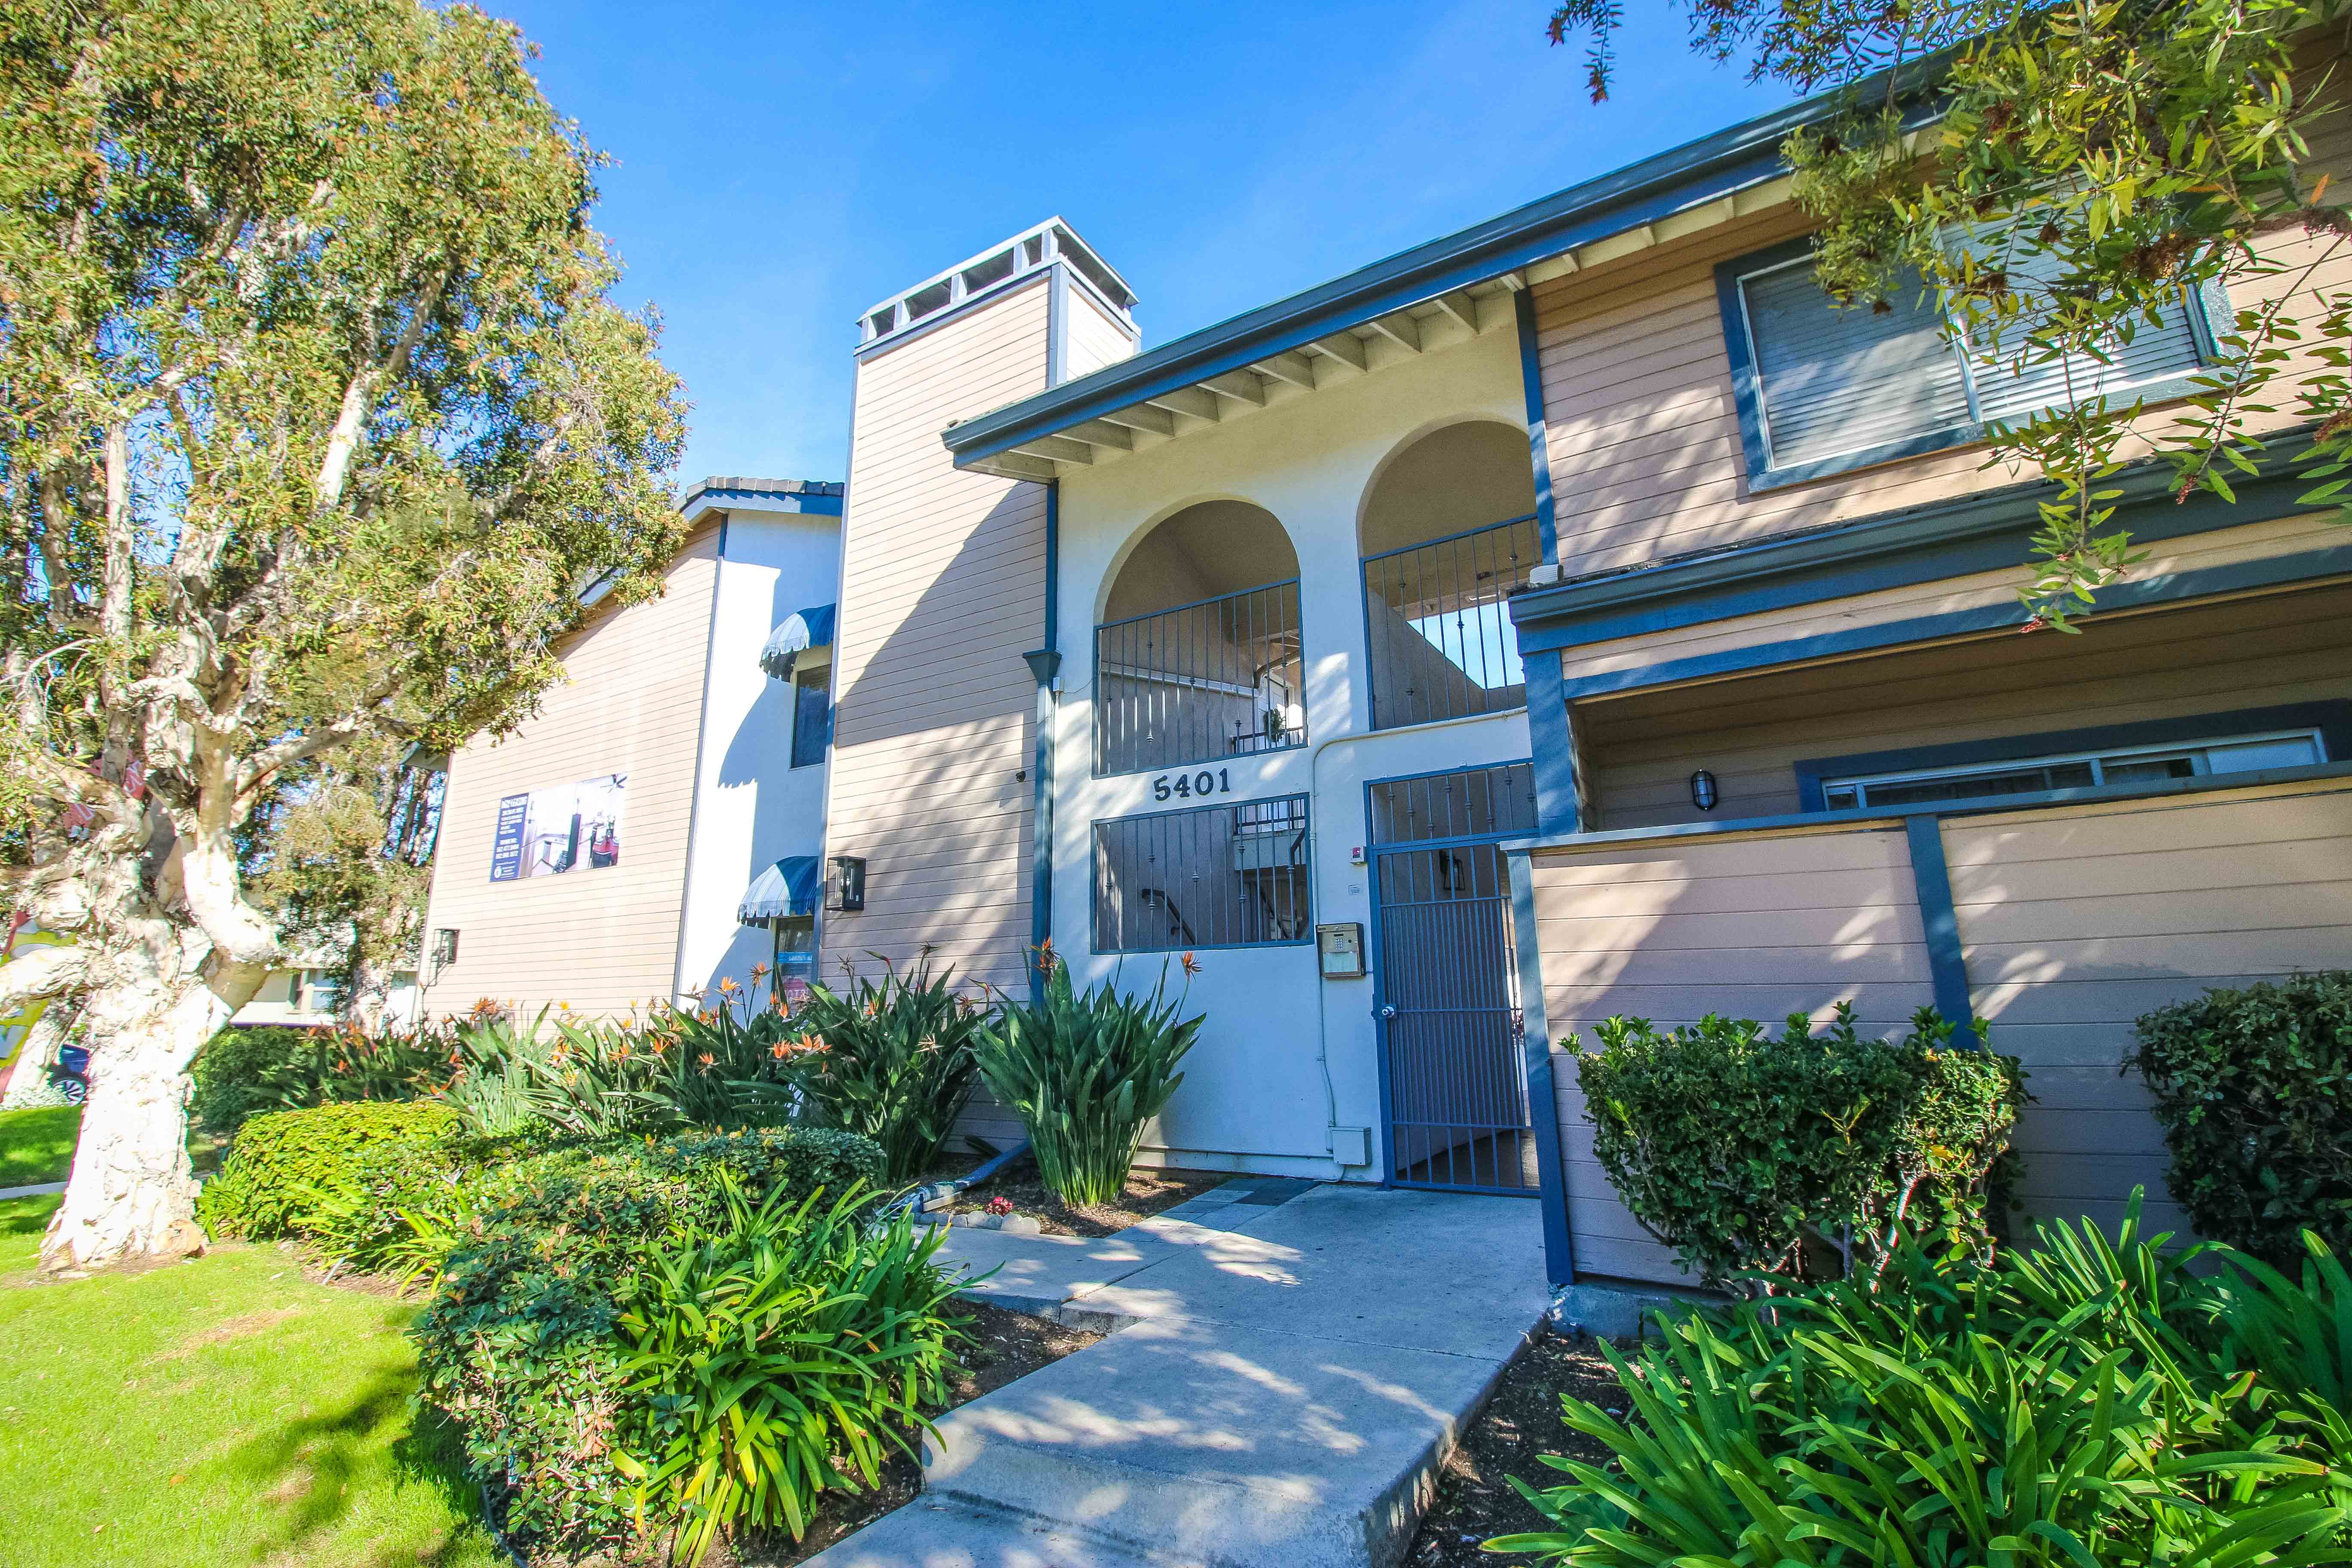 Apartments Near CSU Long Beach 5401 E. Anaheim Rd. for Cal State Long Beach Students in Long Beach, CA